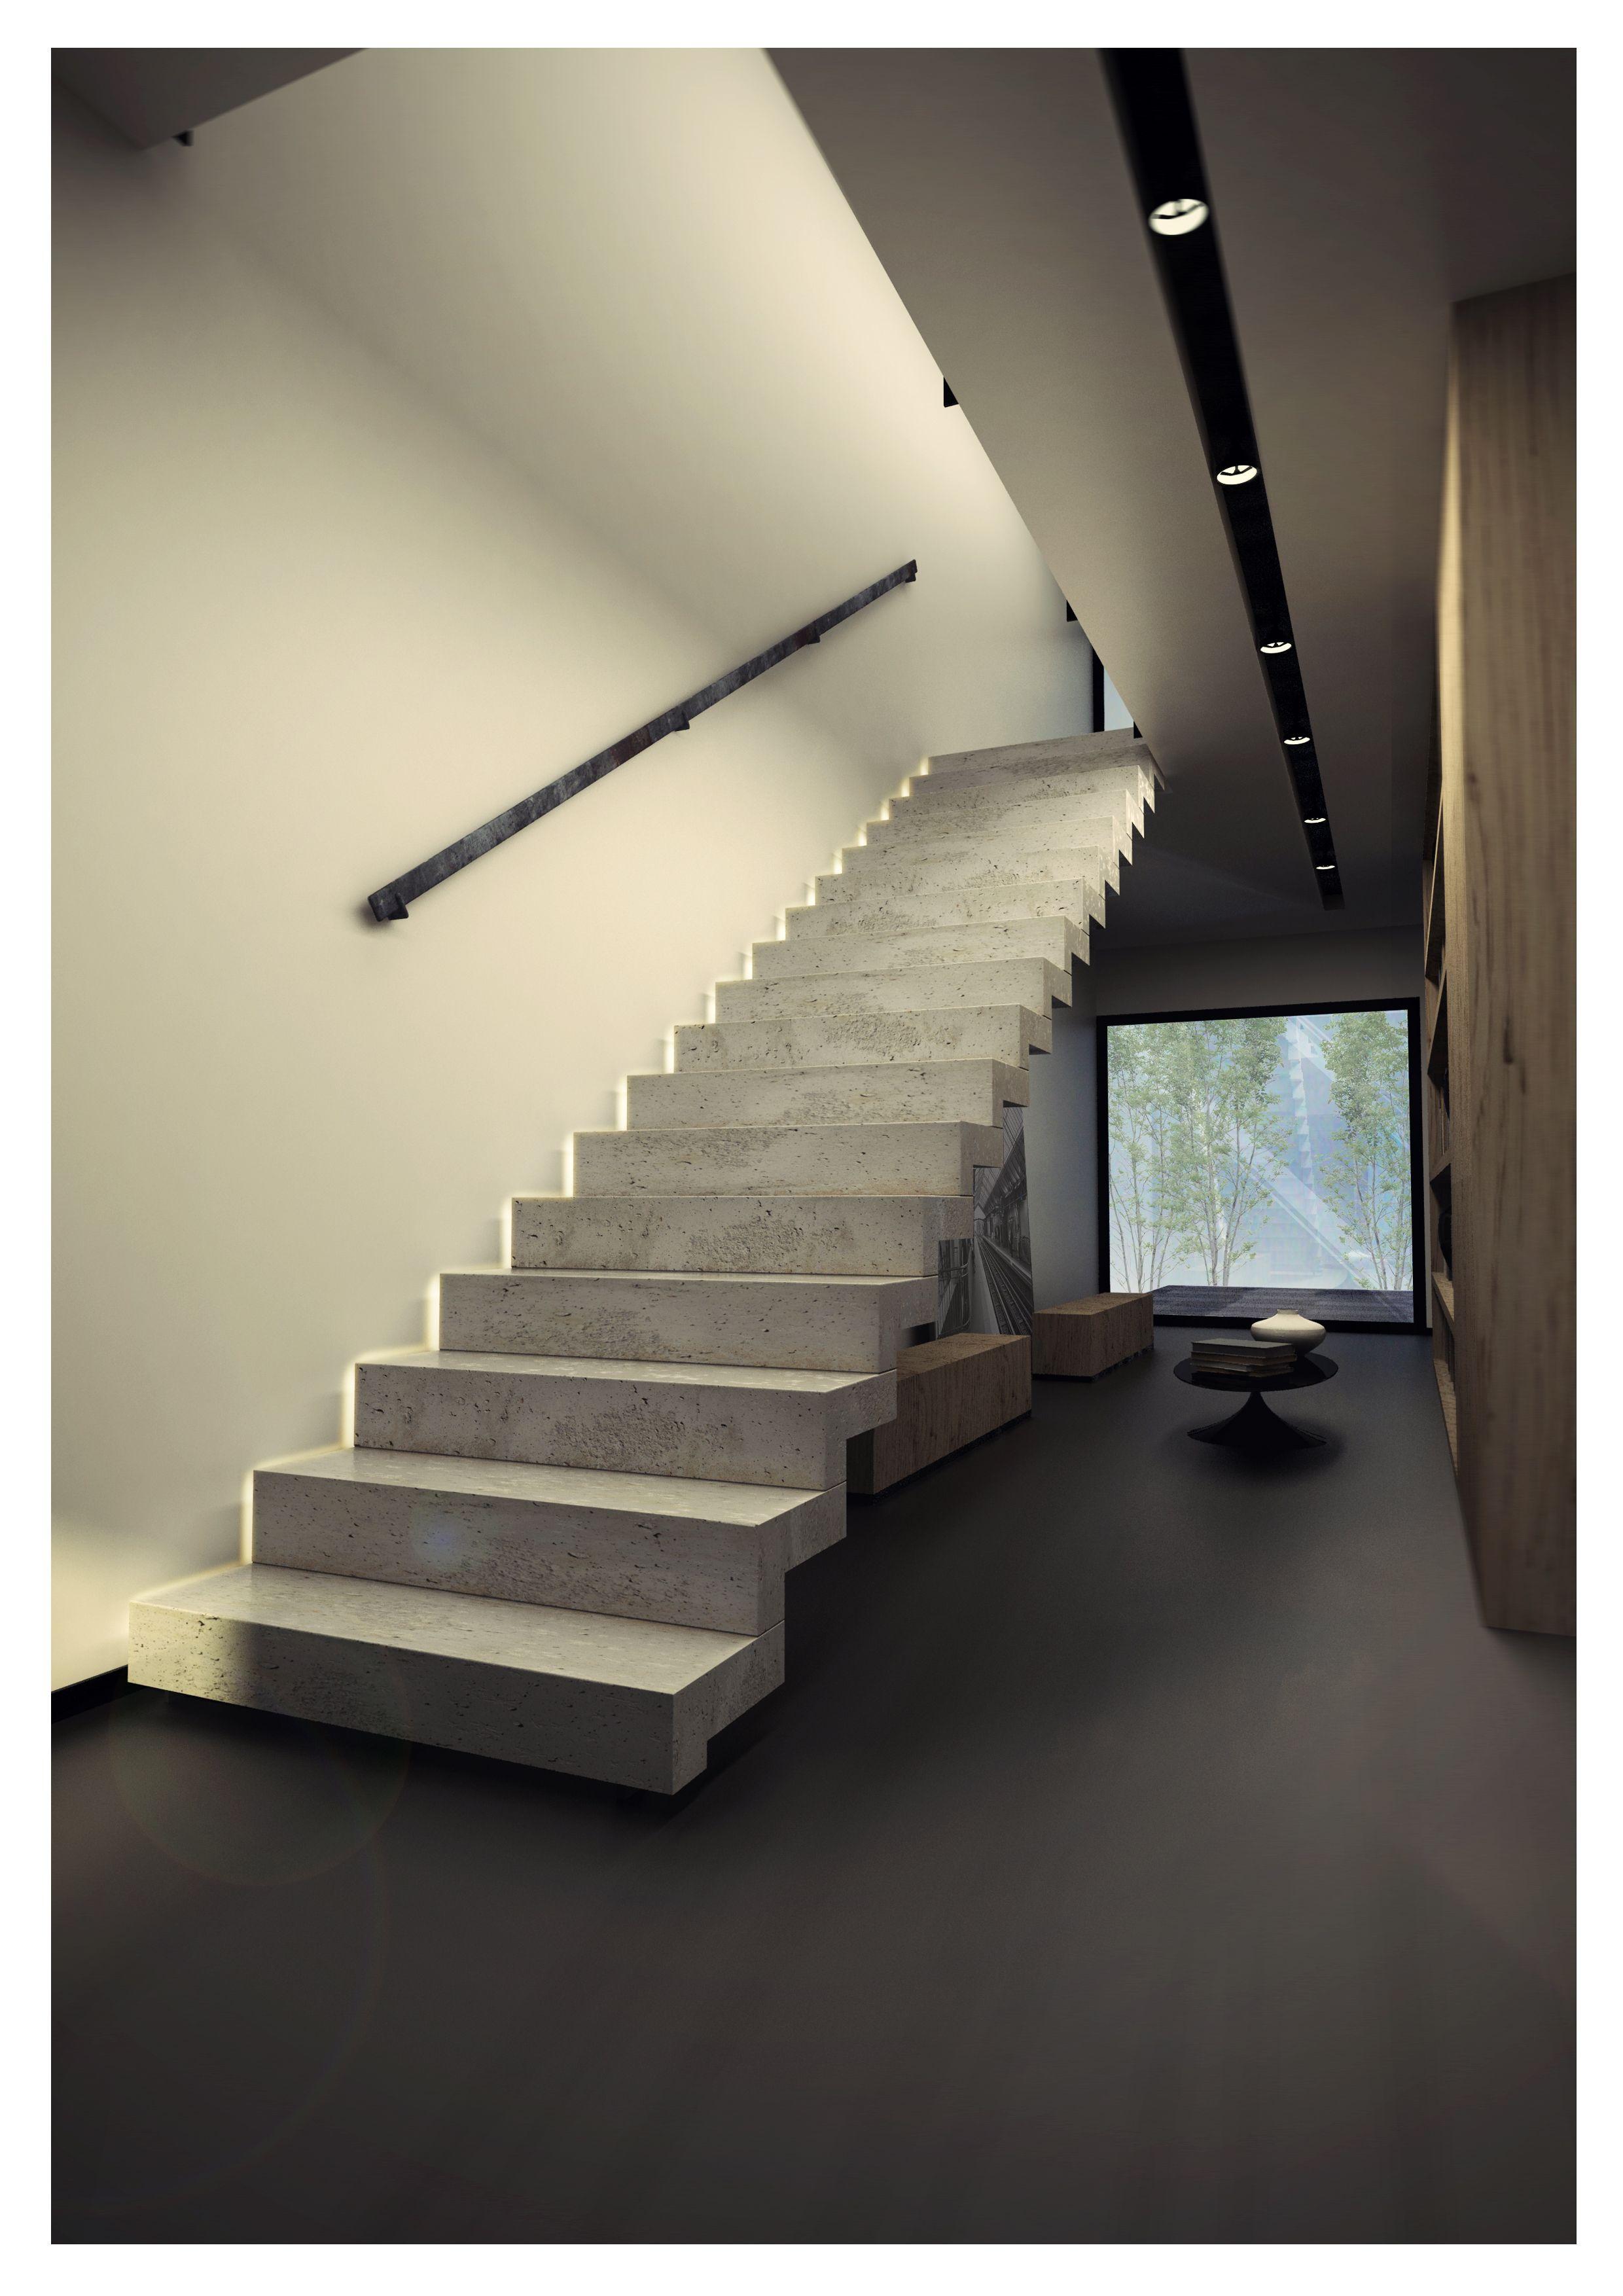 Escalier Interieur Beton Design escalier en beton design - recherche google | escalier beton